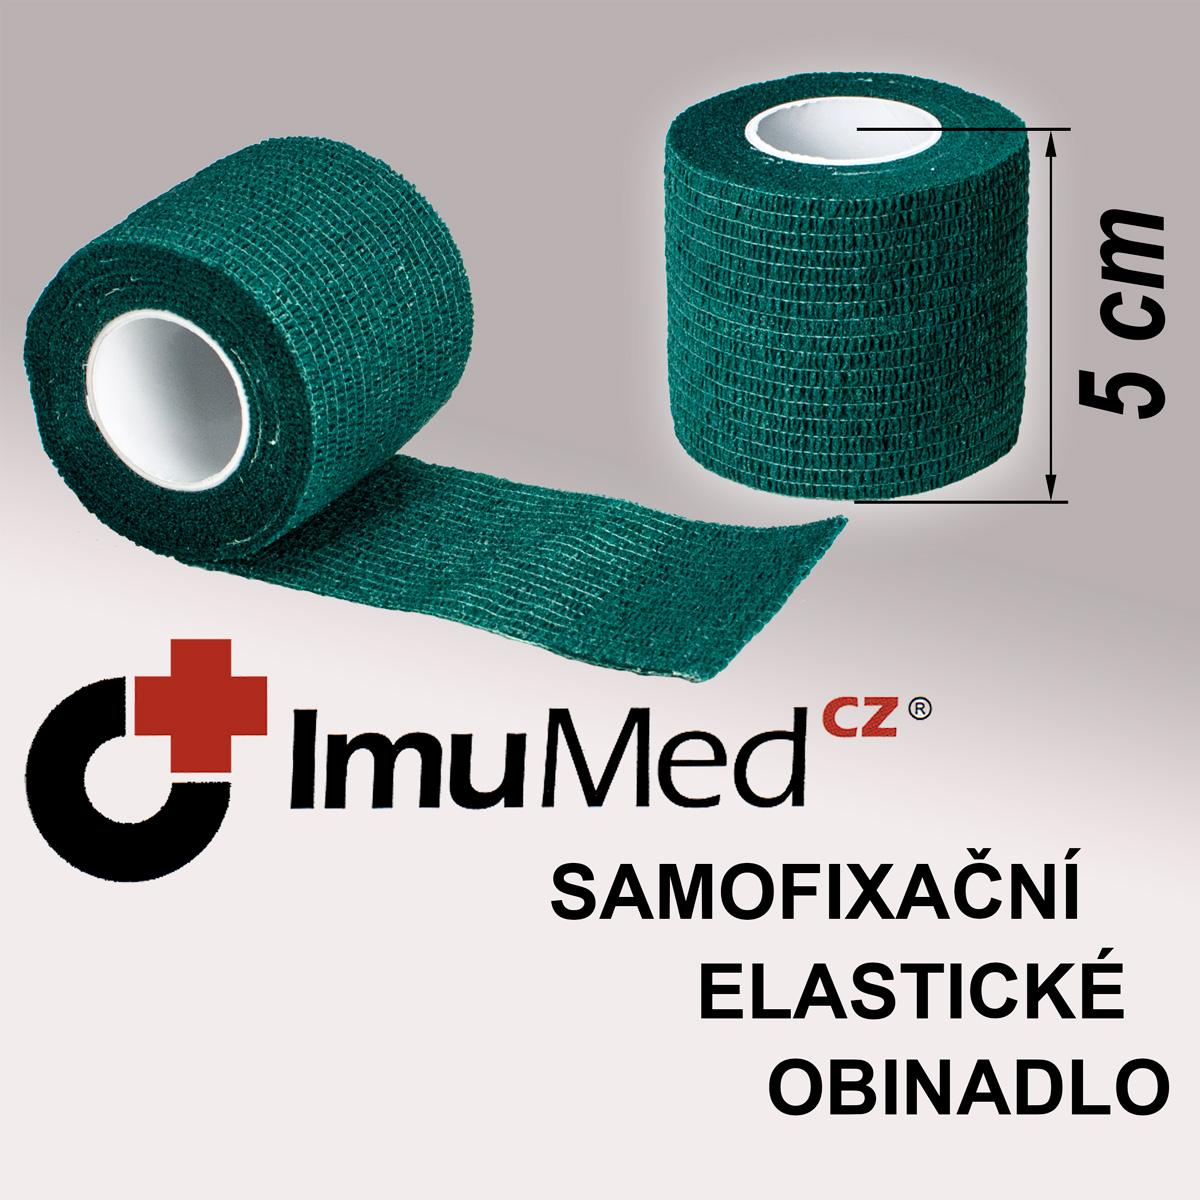 ImuMedCZ samofixační elastické obinadlo 5 cm x 4,5 m ZELENÁ barva ImuMedCZ samodržící elastické obinadlo 5 cm x 4,5 m ZELENÁ barva